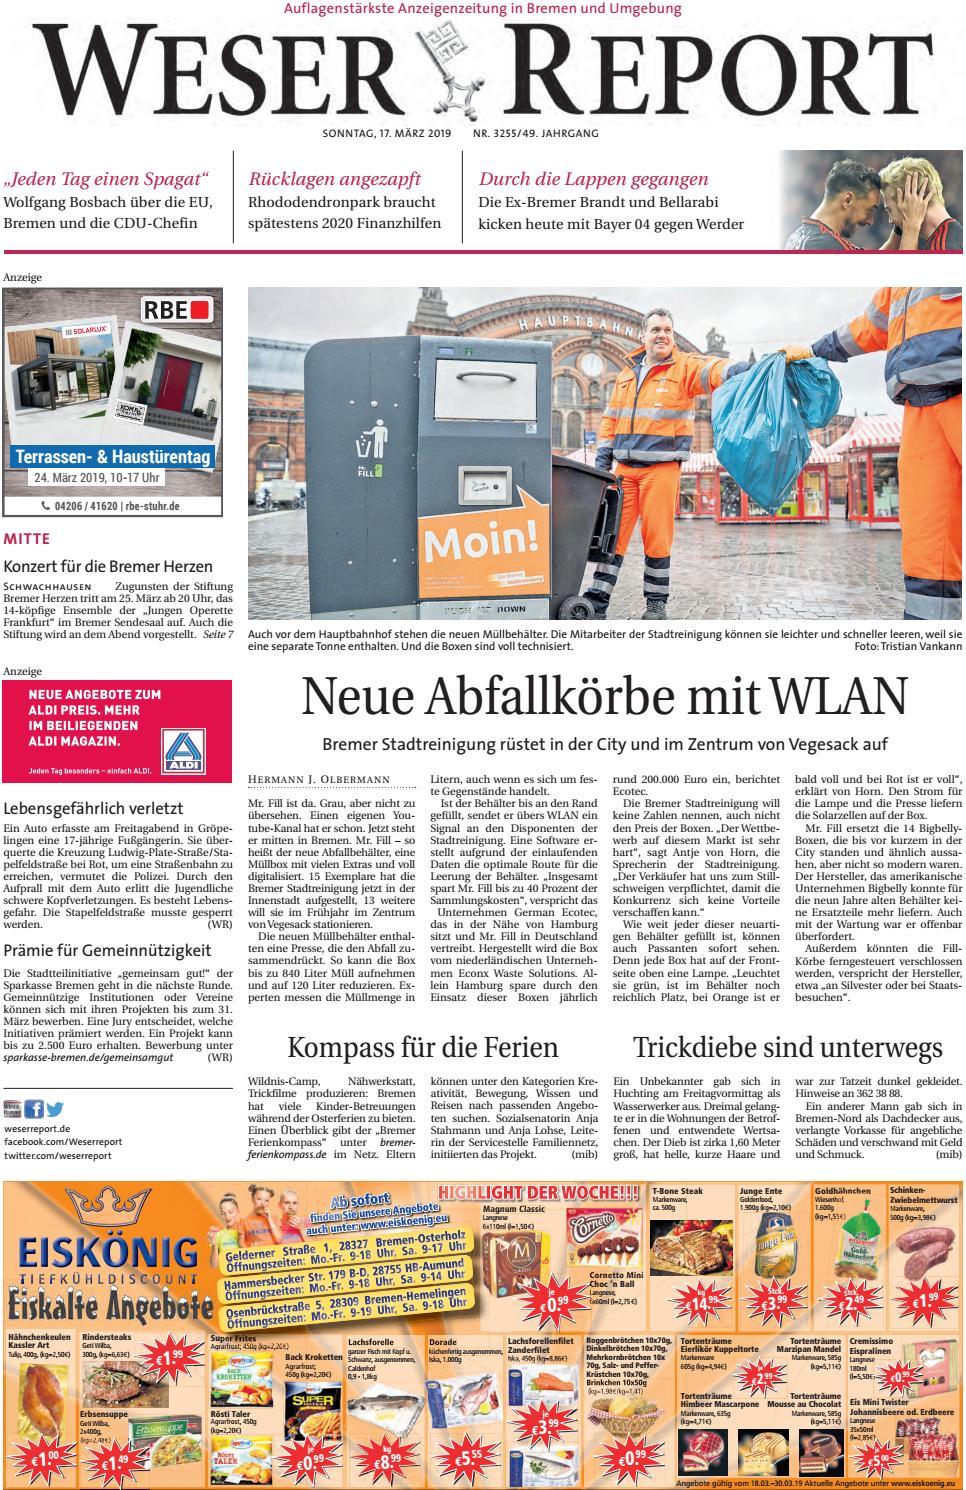 Dach Firma Einfach Zu Reparieren bbd-03 Offizielle Website Werbebanner Inkl Gestaltung Dach Klempner Mit Dachdecker